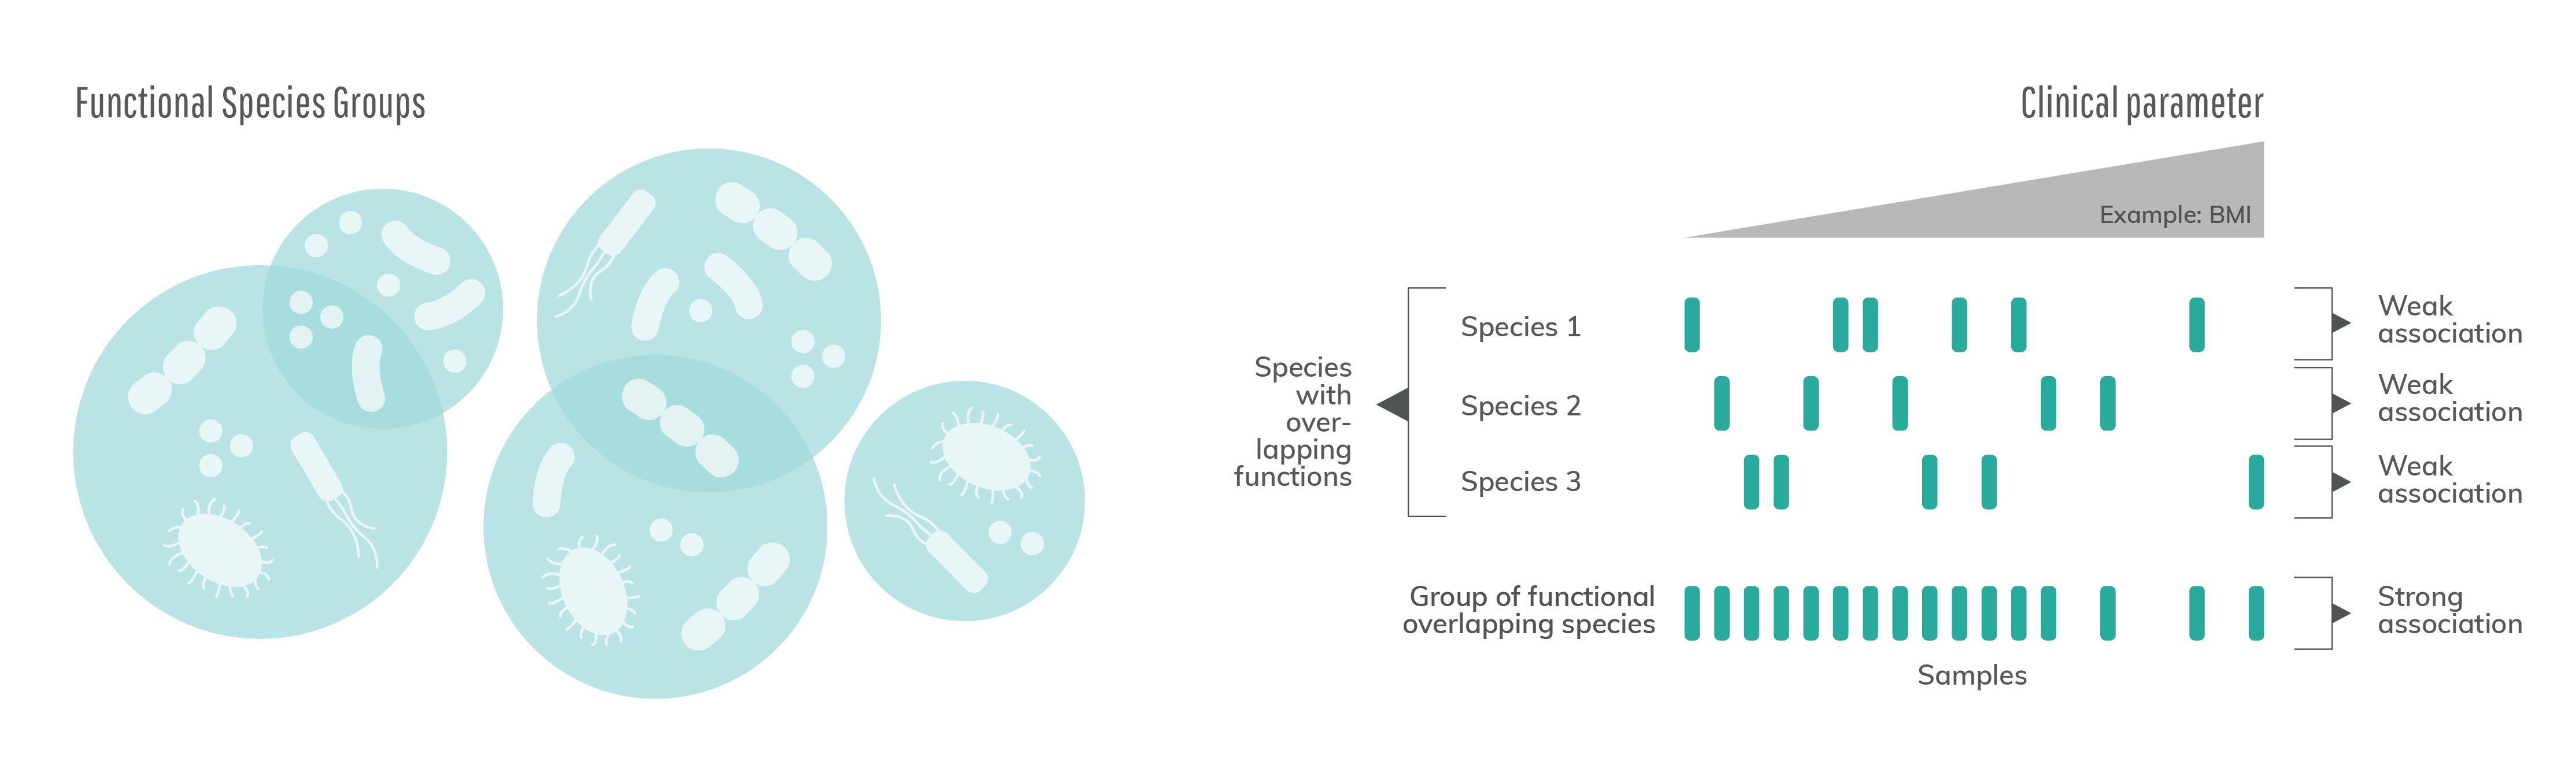 Functional Species Groups